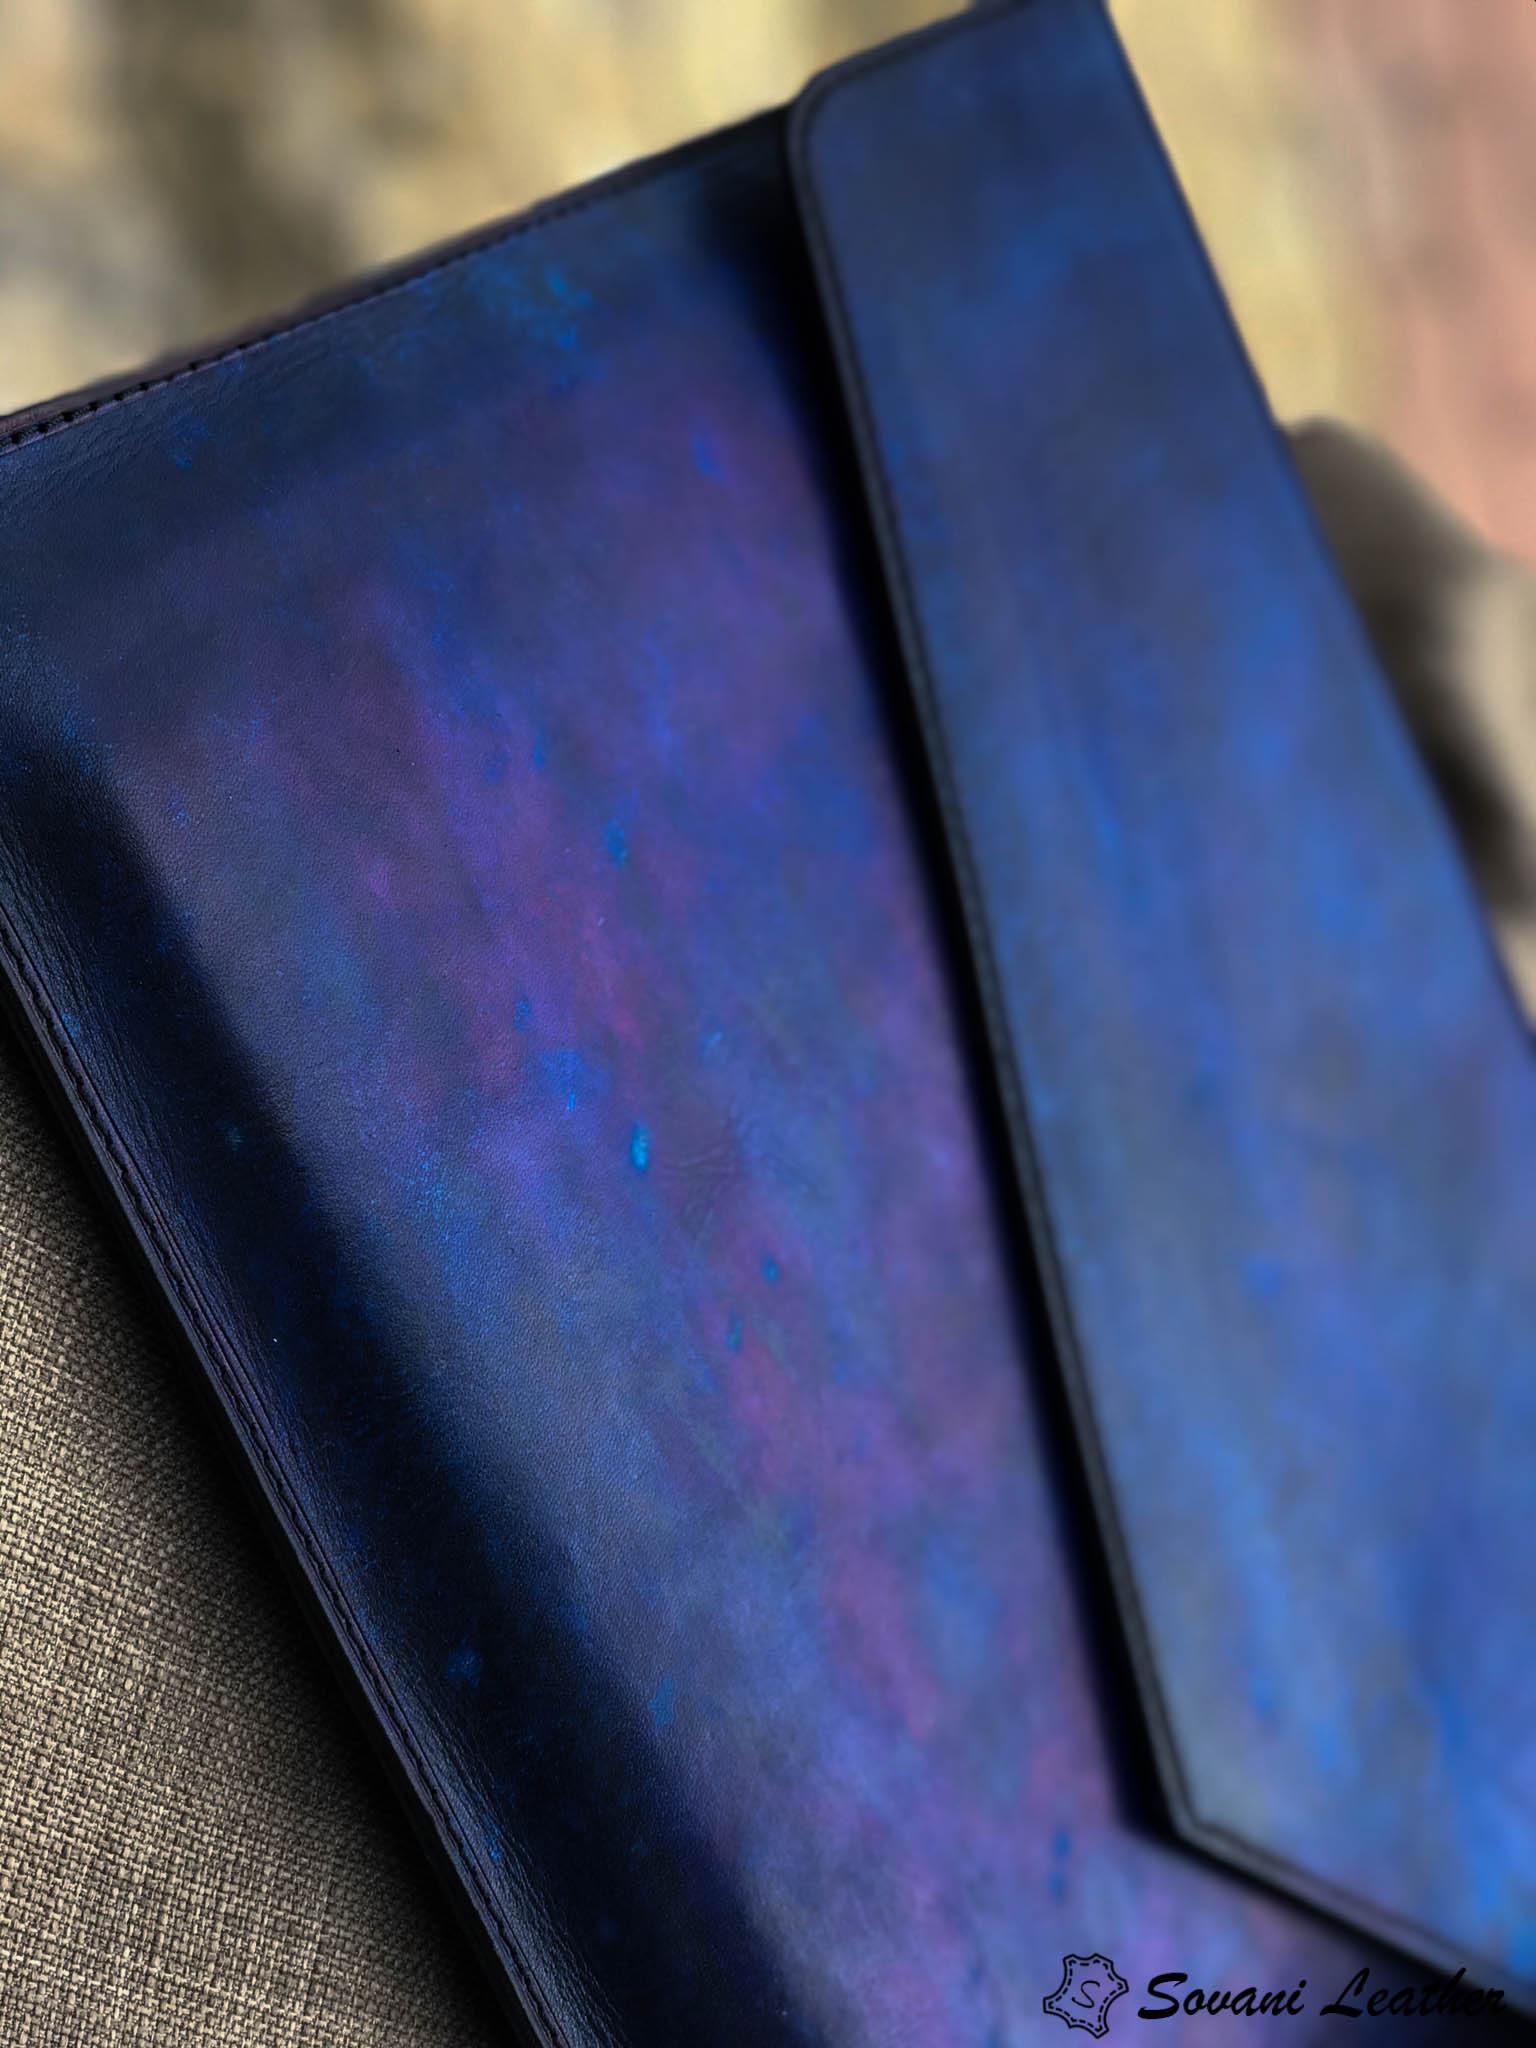 Bao da Macbook – Laptop – Surface – Ipad – table tap patina Xanh navy độc lạ 20